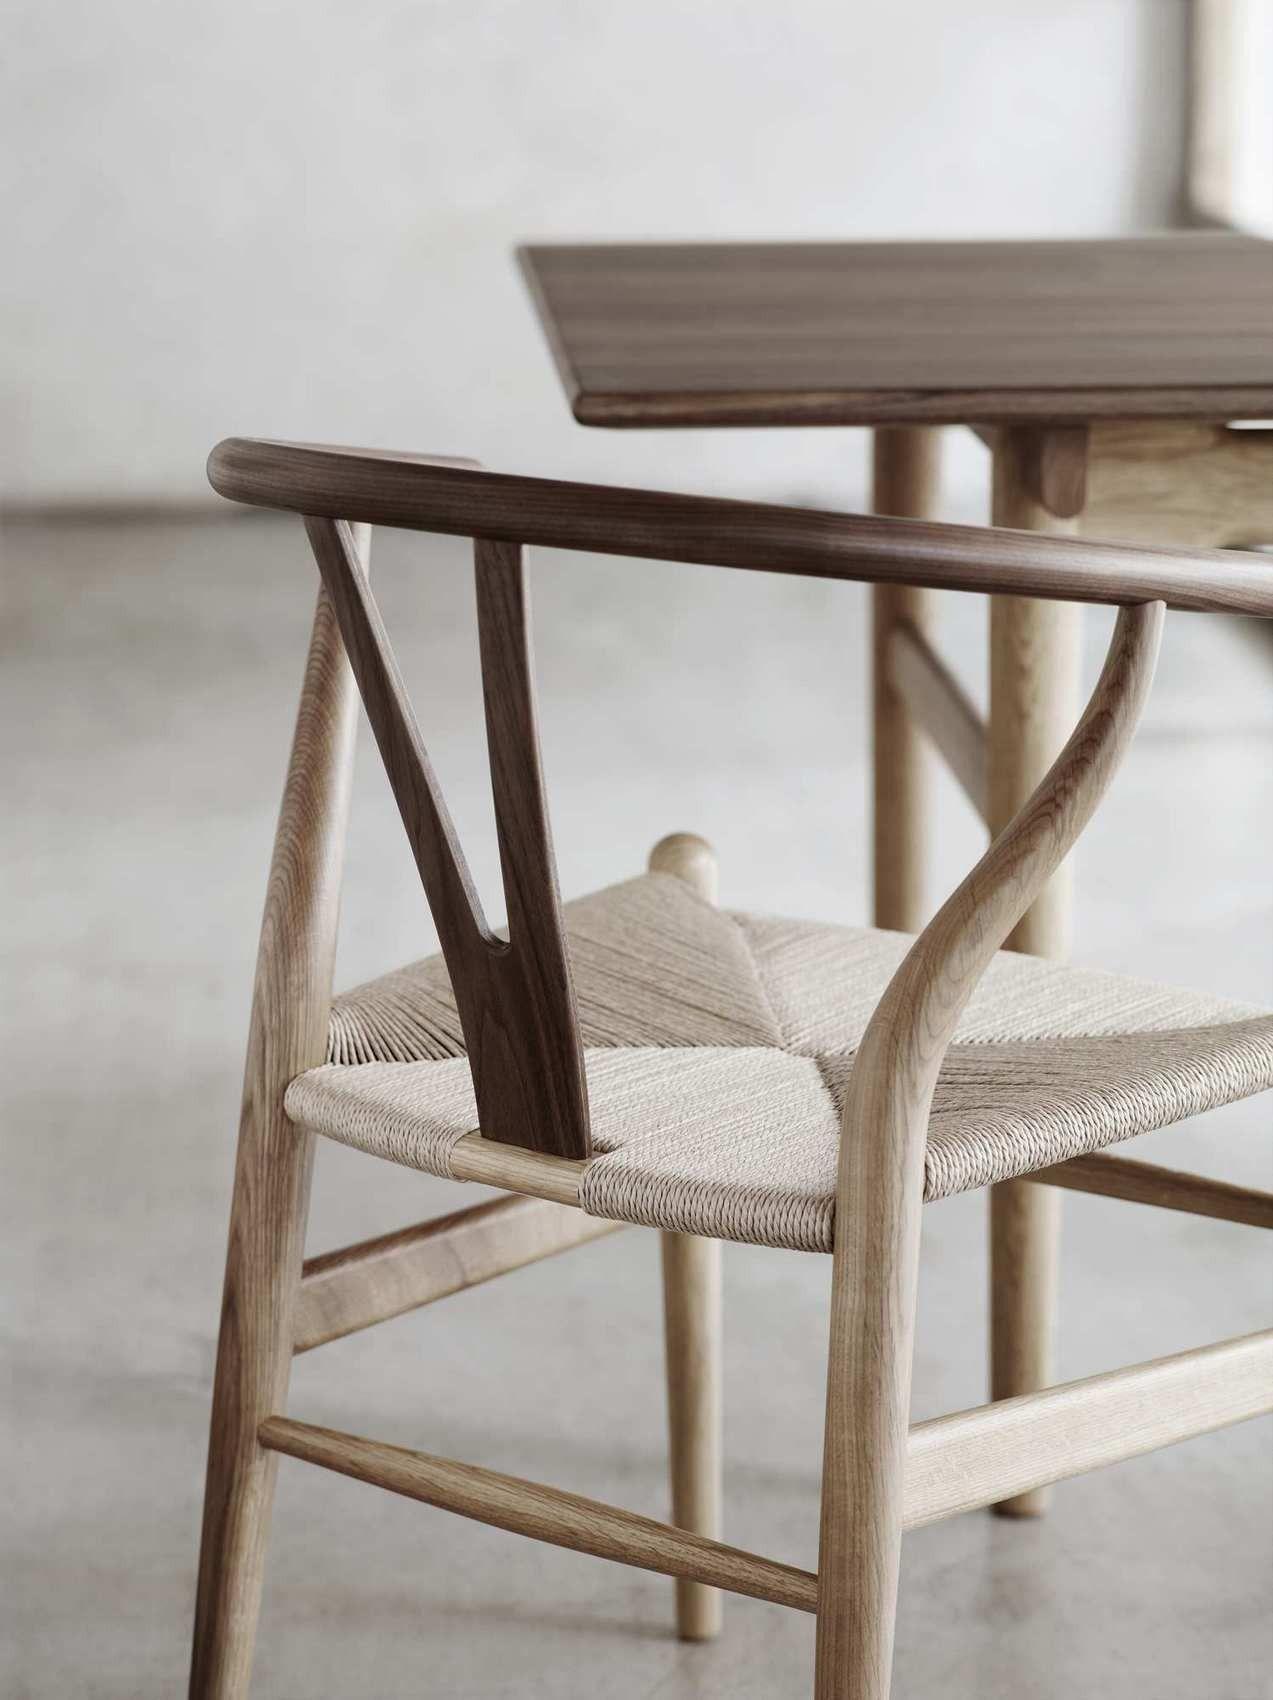 Einrichten Design De http einrichten design de en ch24 wishbone chair y chair carl